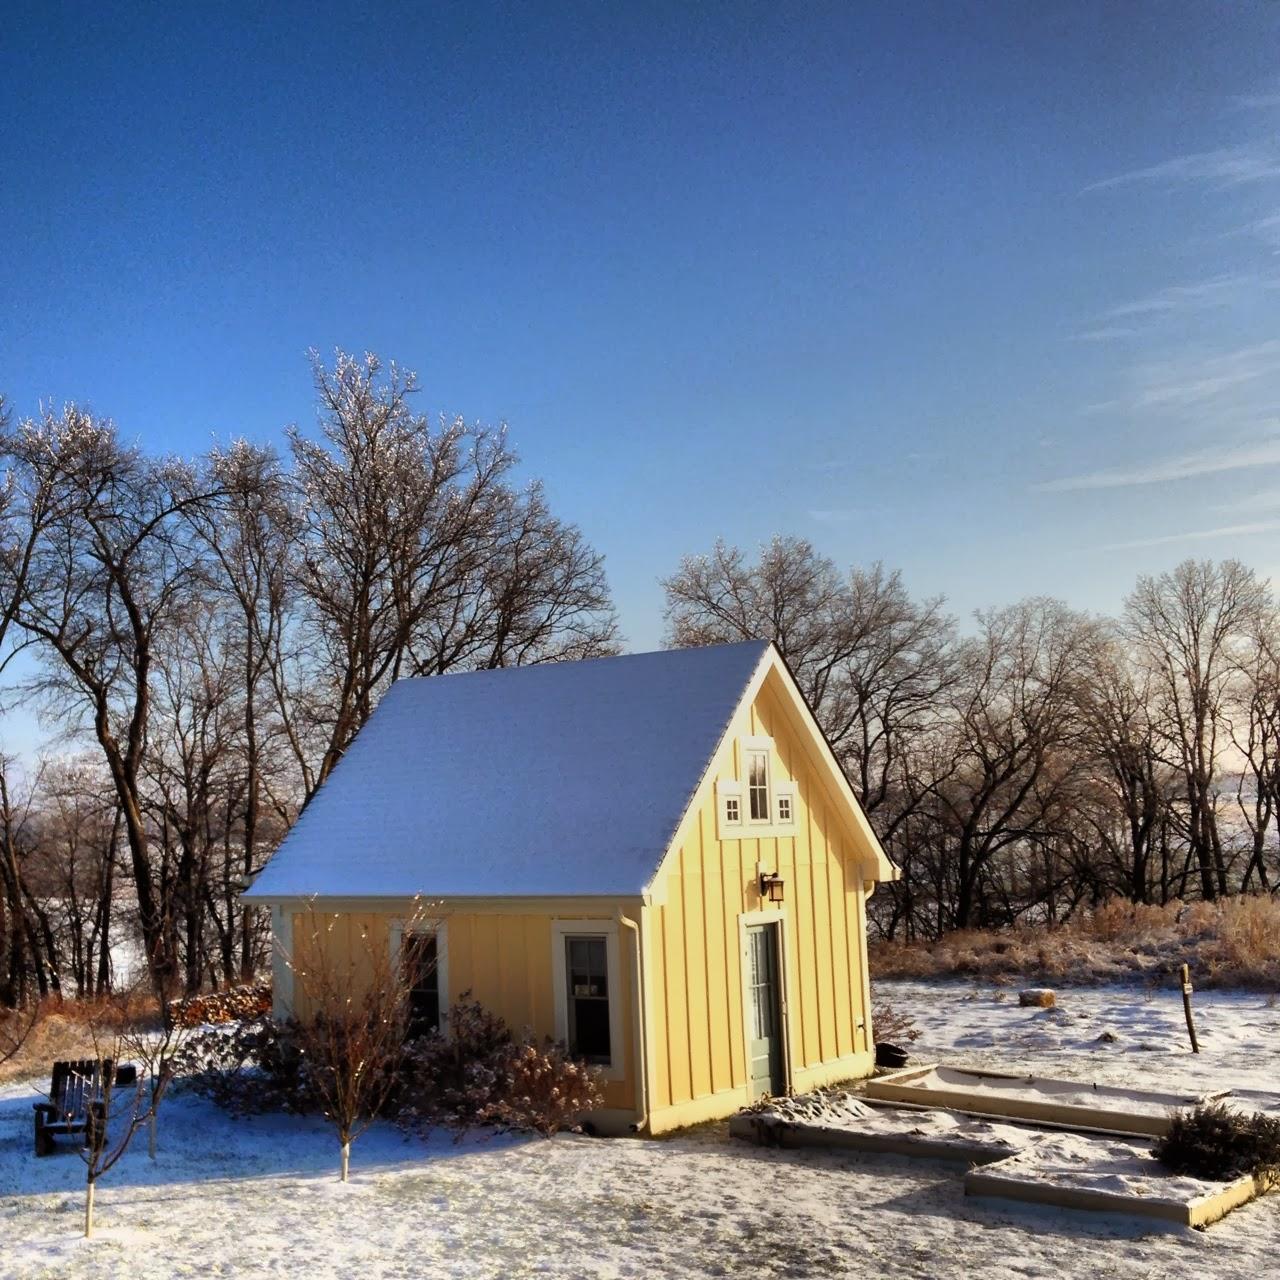 Farm Dover: December 2013